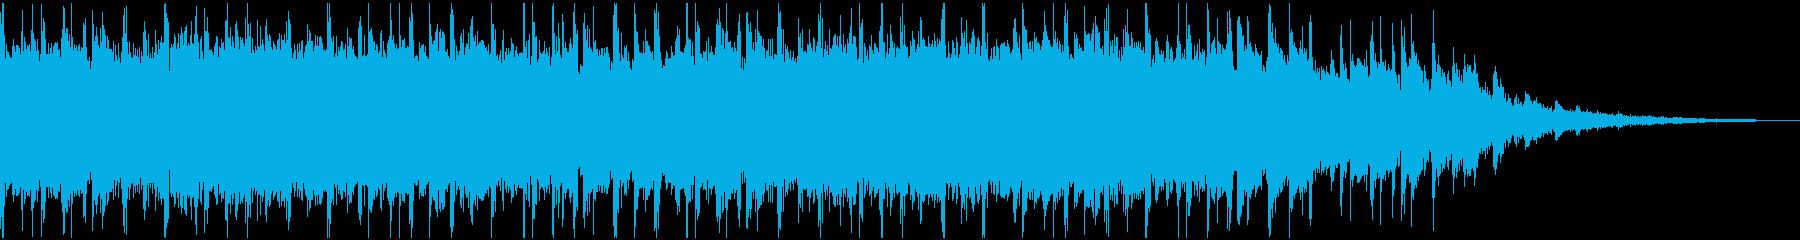 透明感のあるコーポレート系ジングルの再生済みの波形